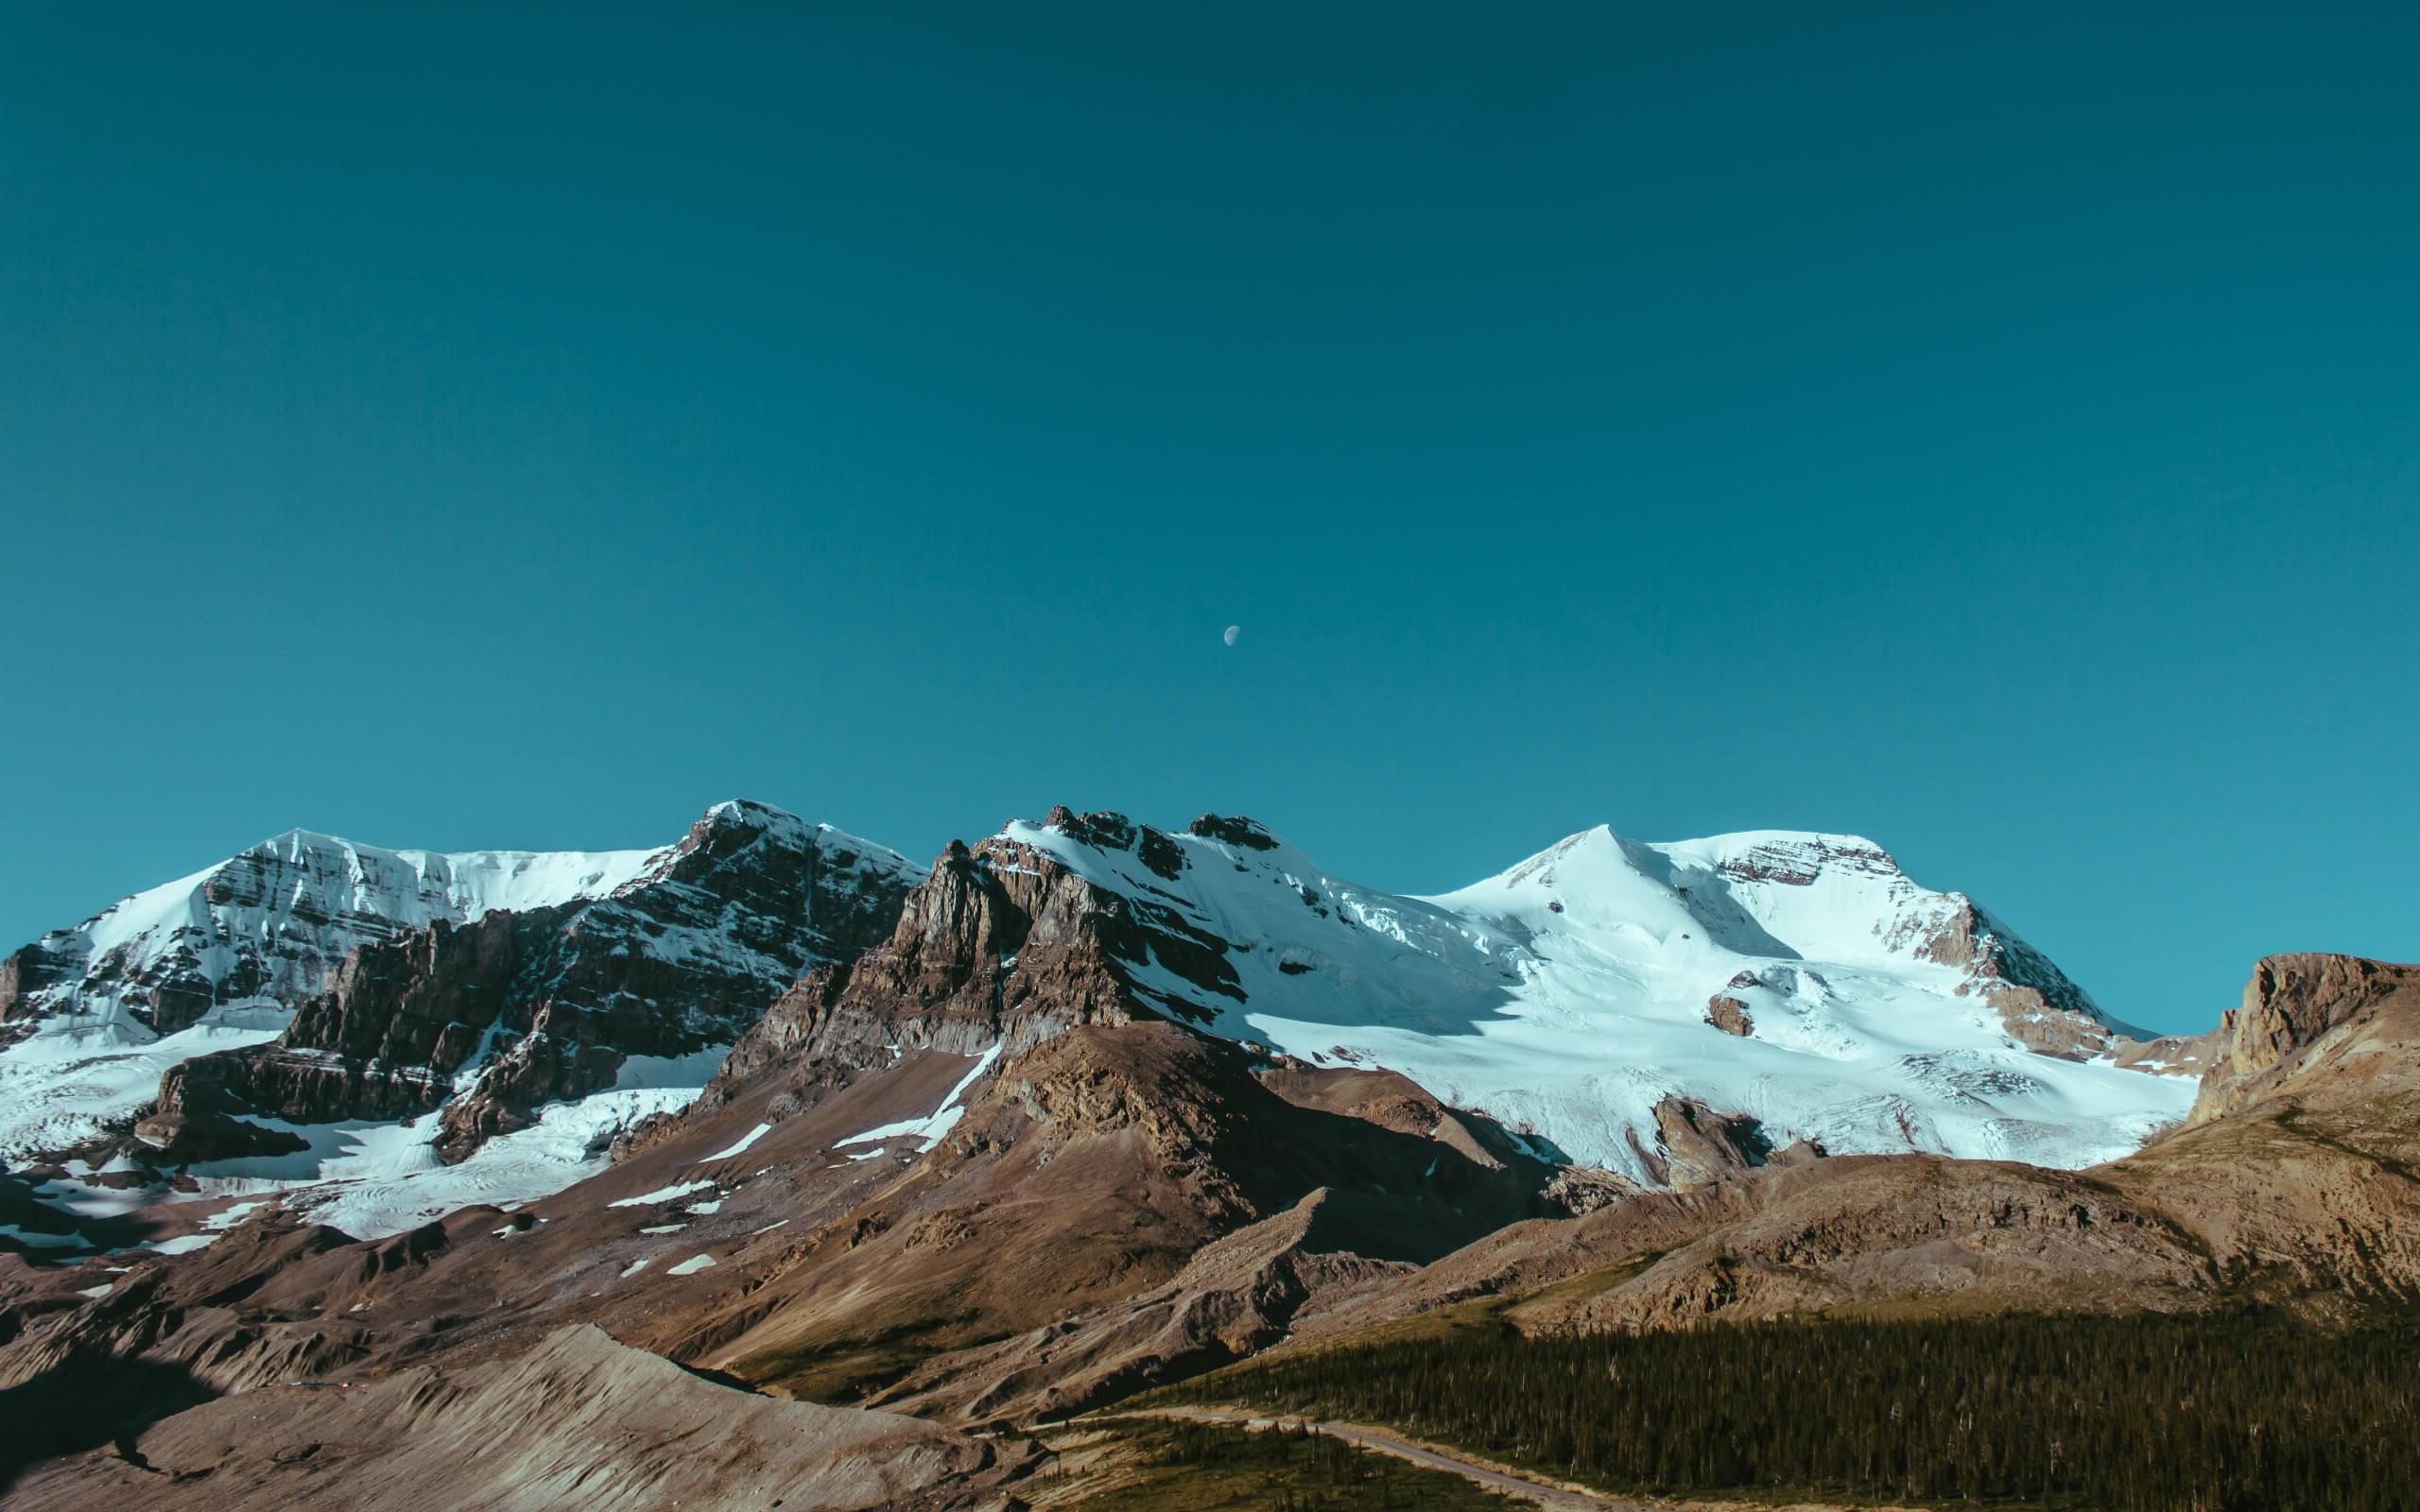 os wallpaper,mountainous landforms,mountain,mountain range,nature,sky